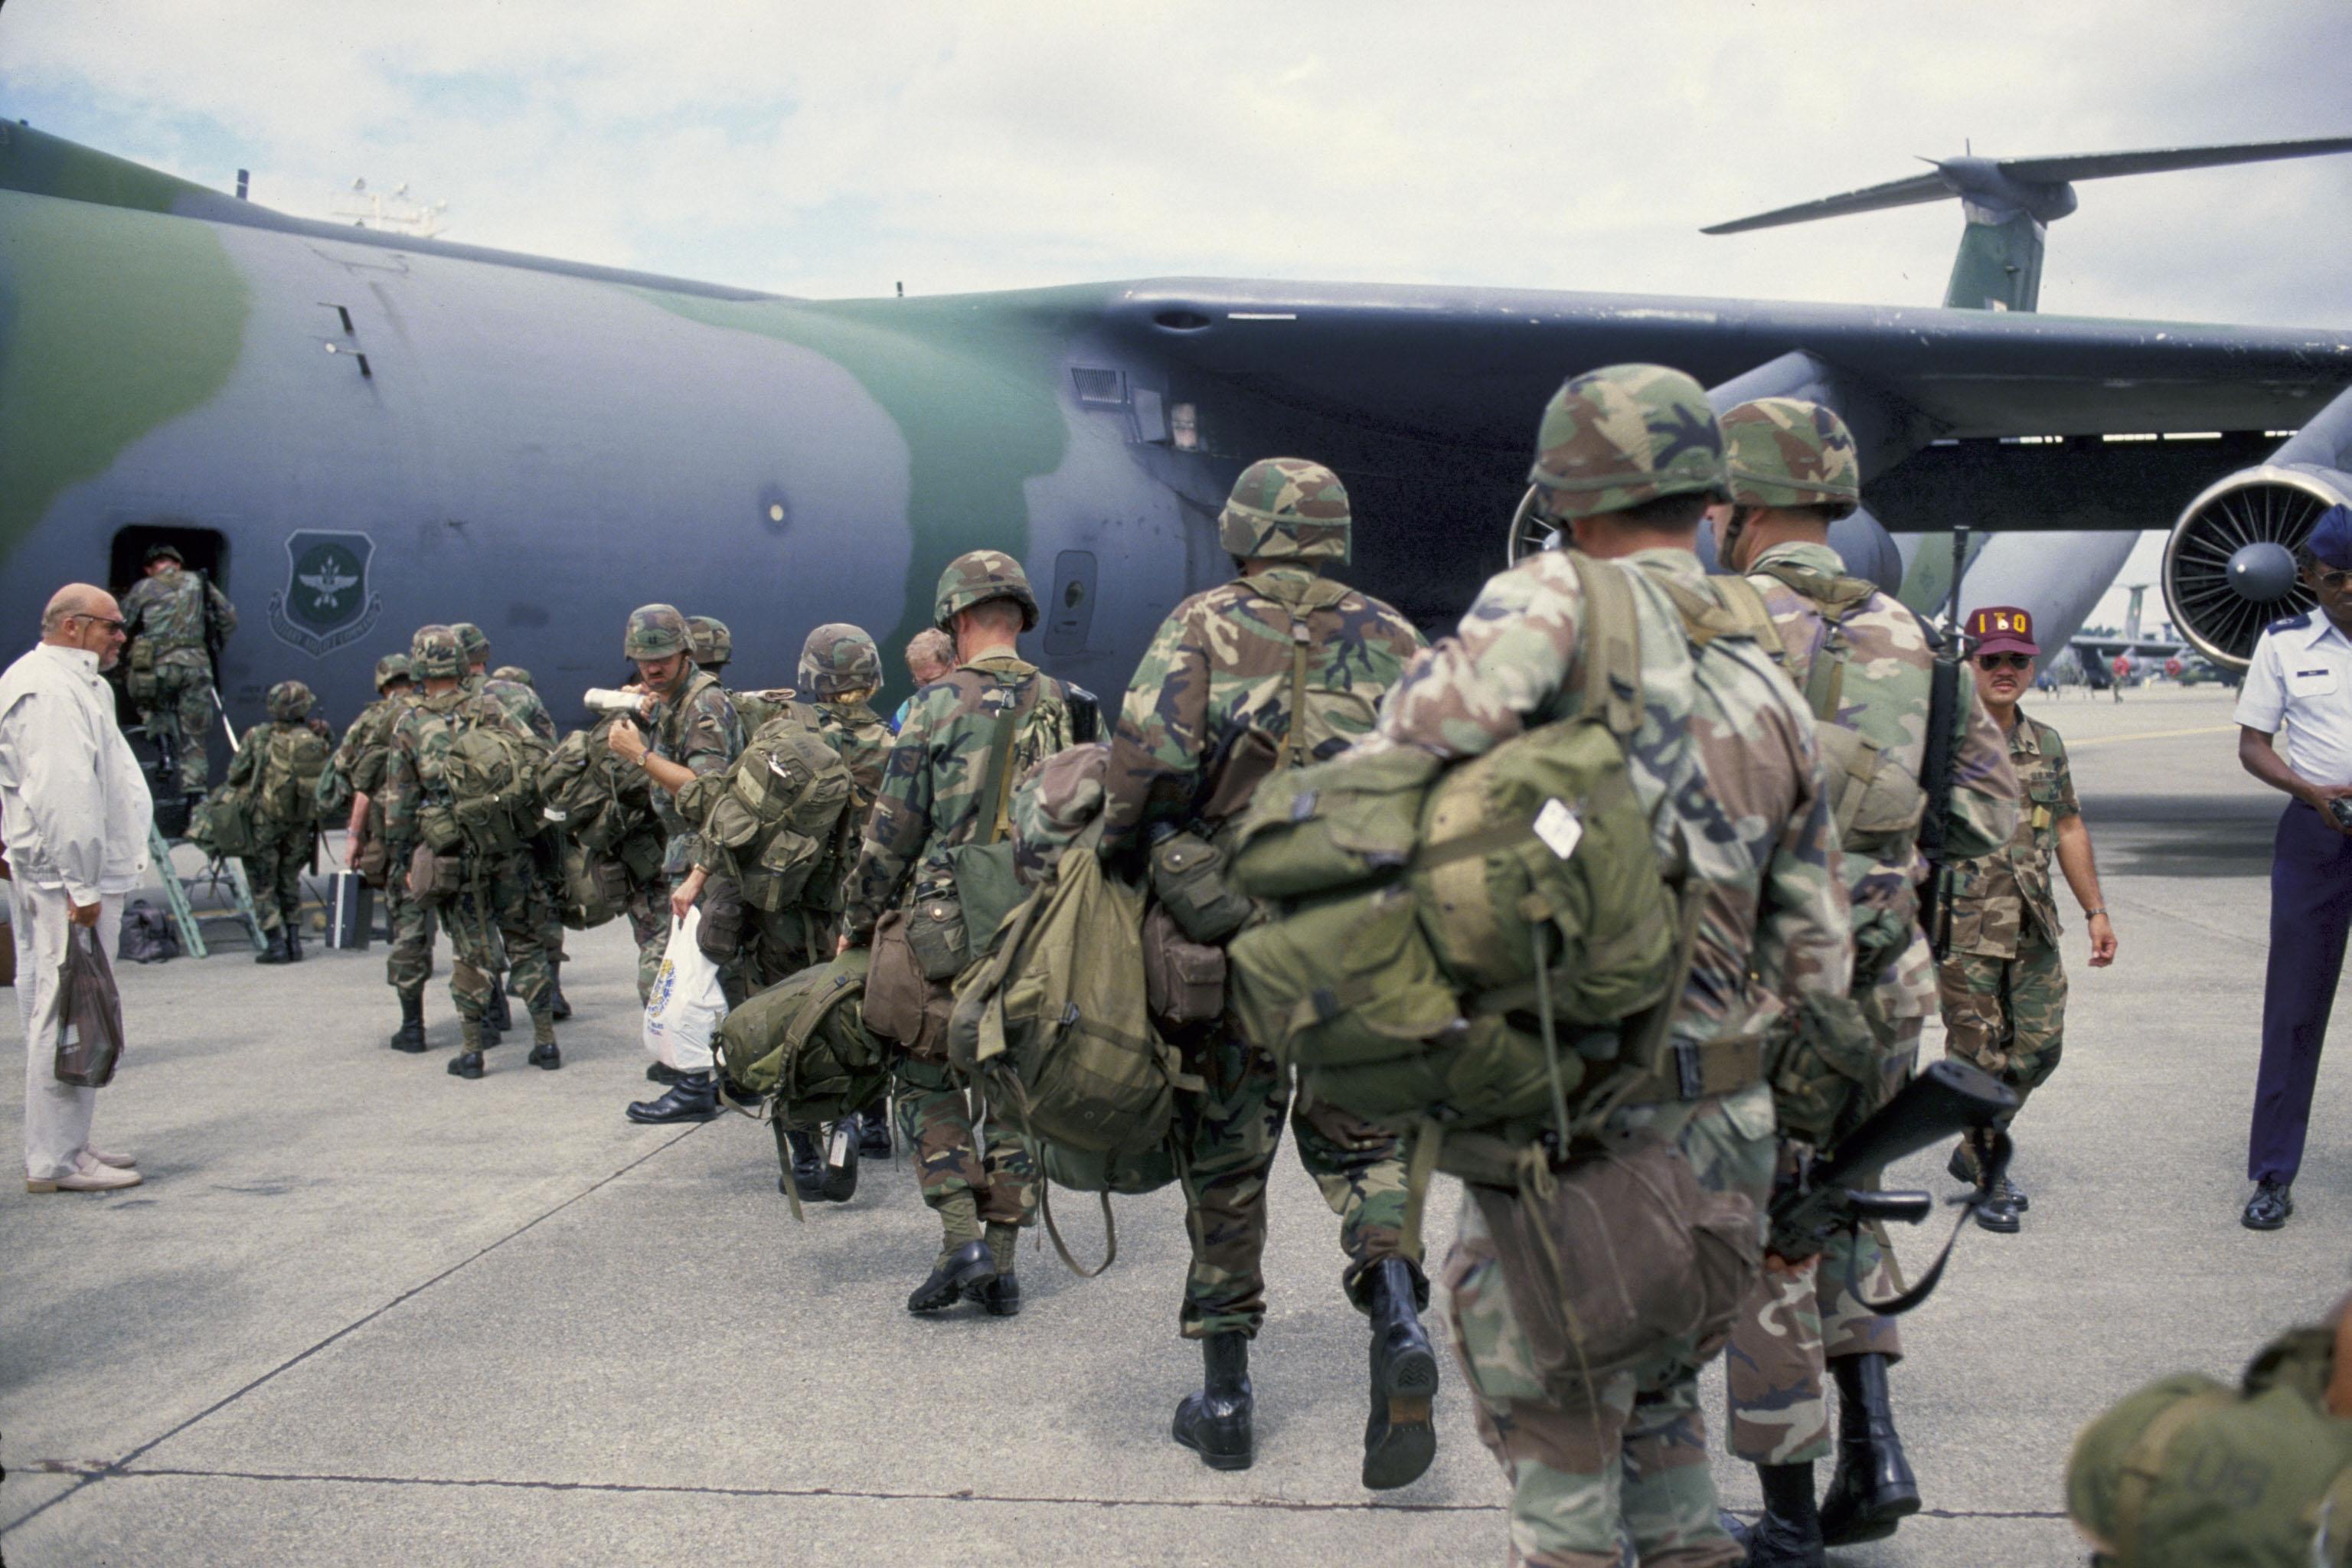 НАТО: актуальные угрозы и готовность альянса